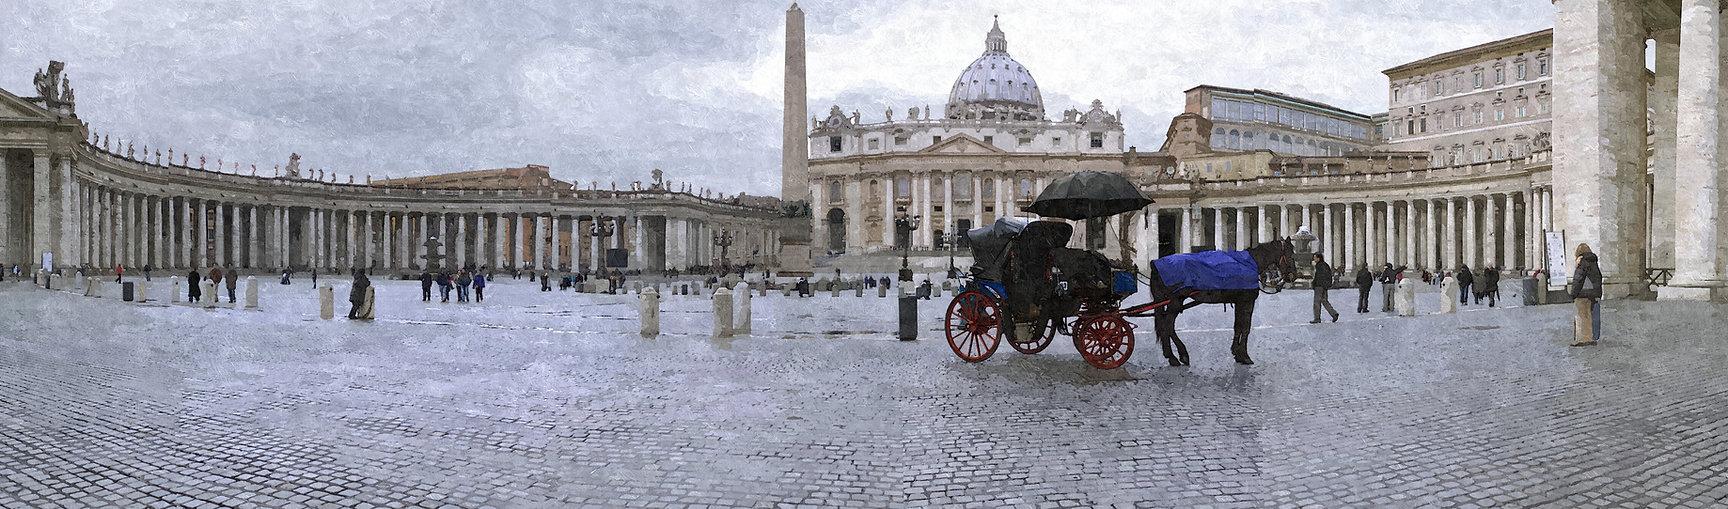 1999.4. 바티칸 광장.jpg